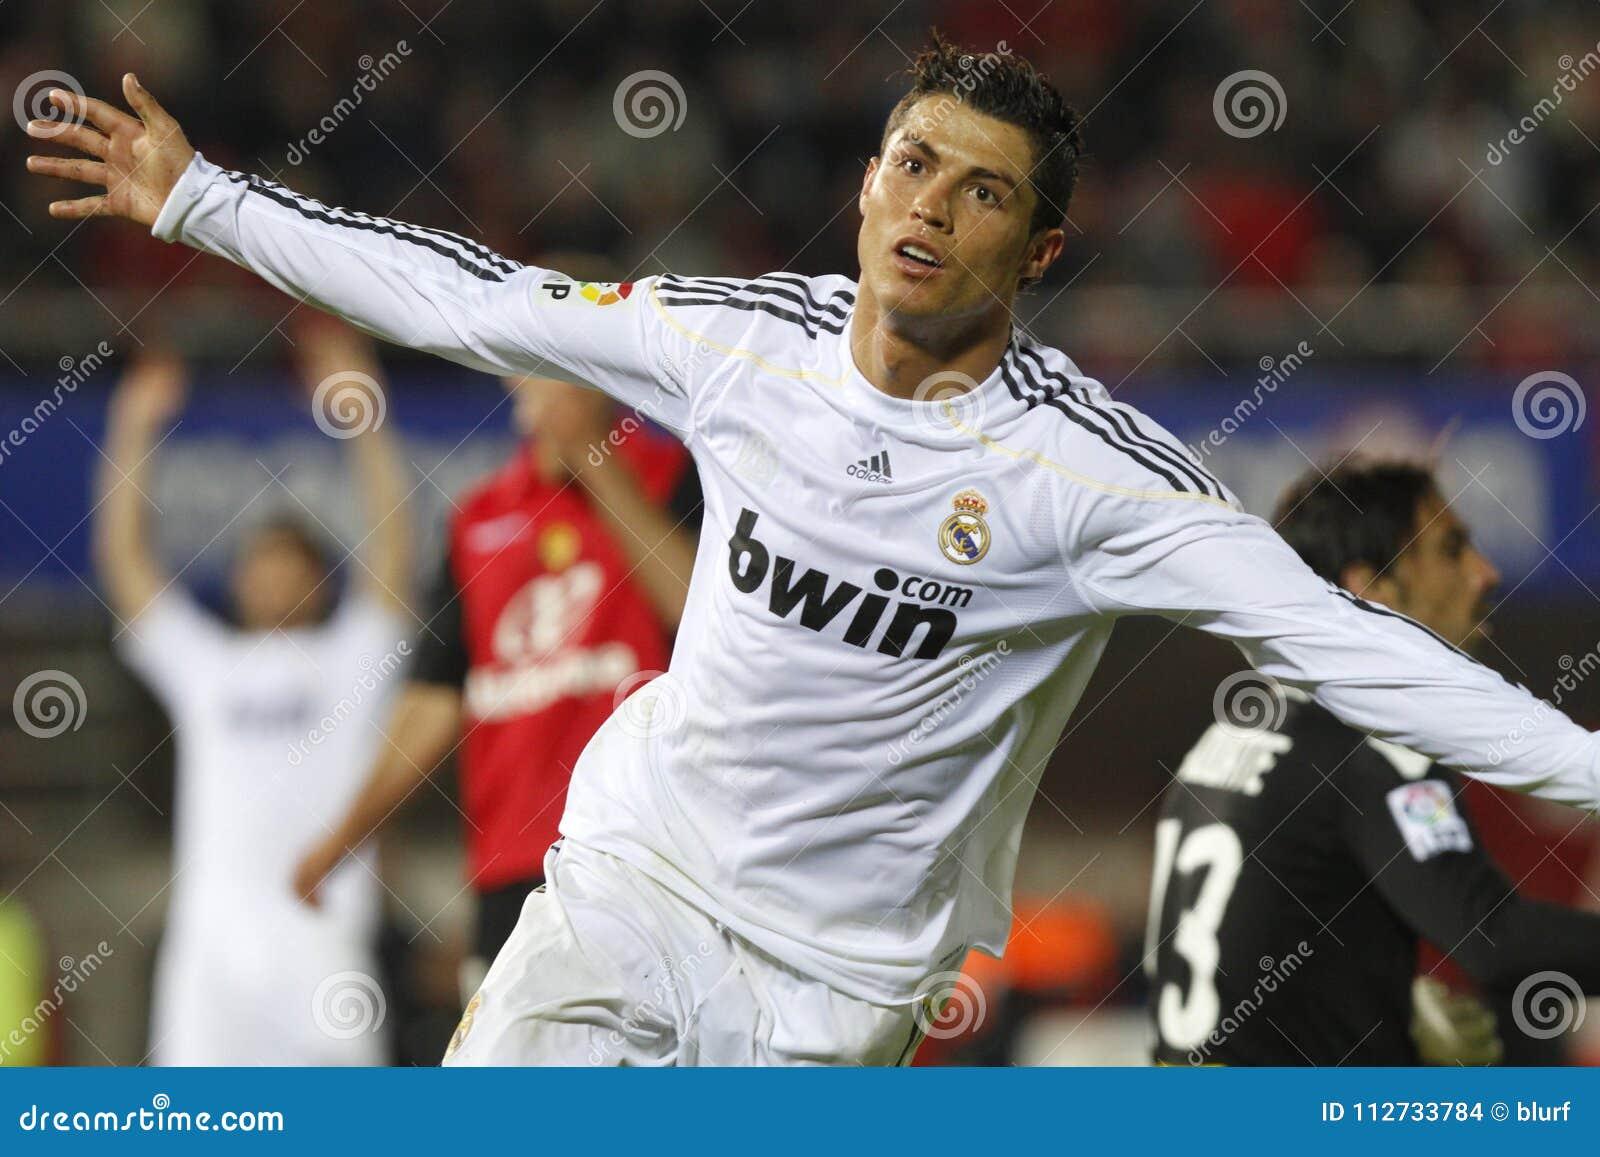 Cristiano Ronaldo after scoring a goal